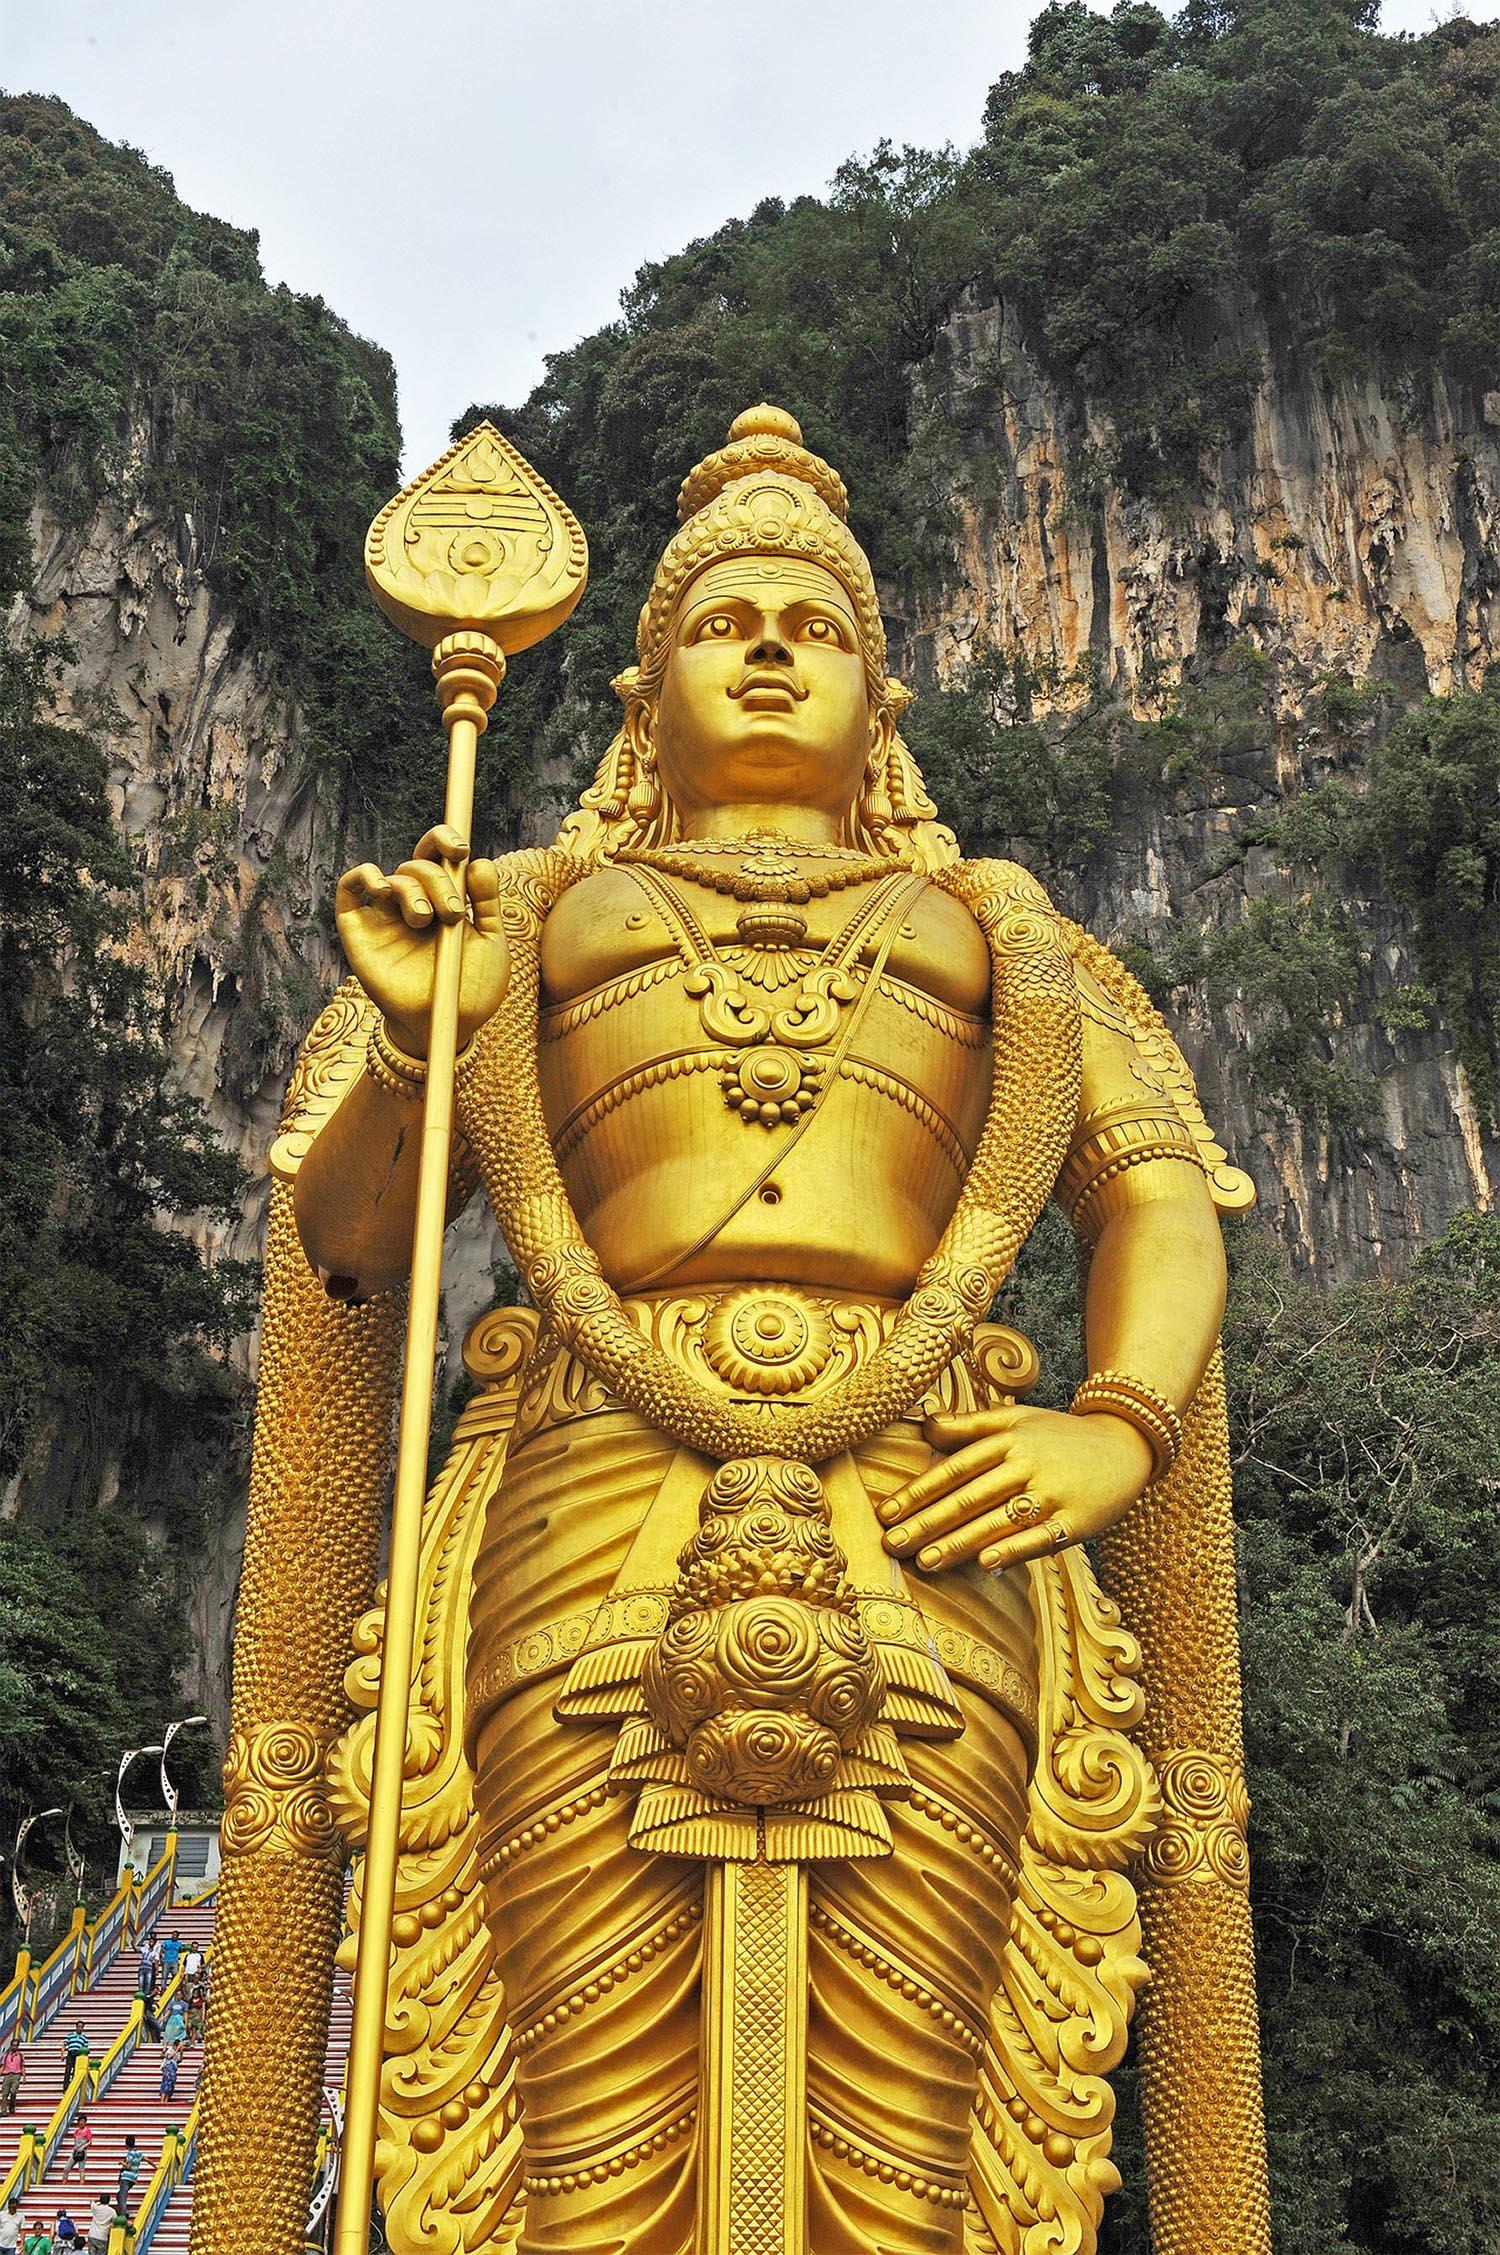 malaysia-2107156_1920-sm.jpg